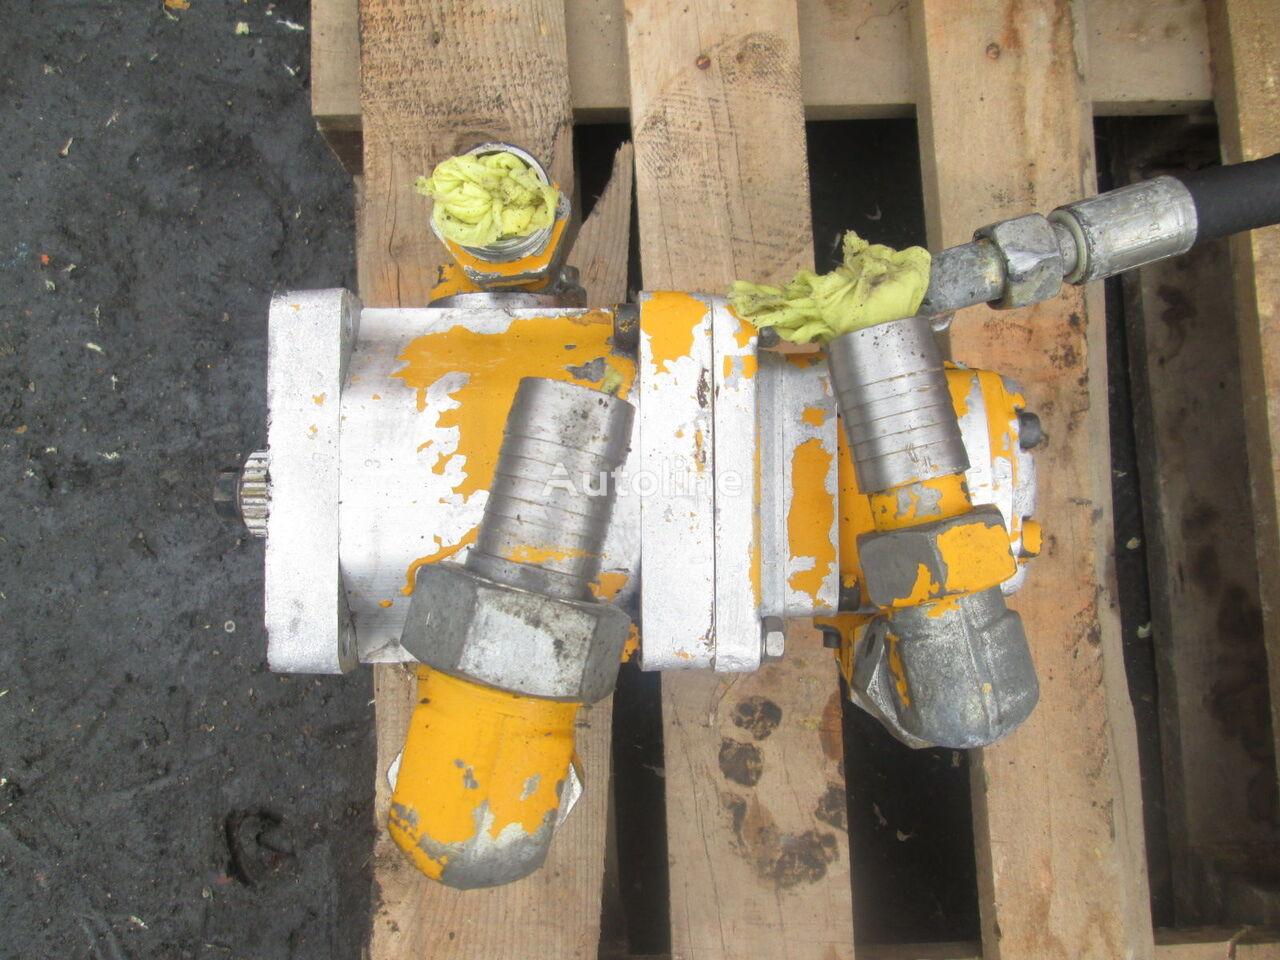 Sauer-Danfoss hydraulic pump for Liba DF.110C asphalt paver